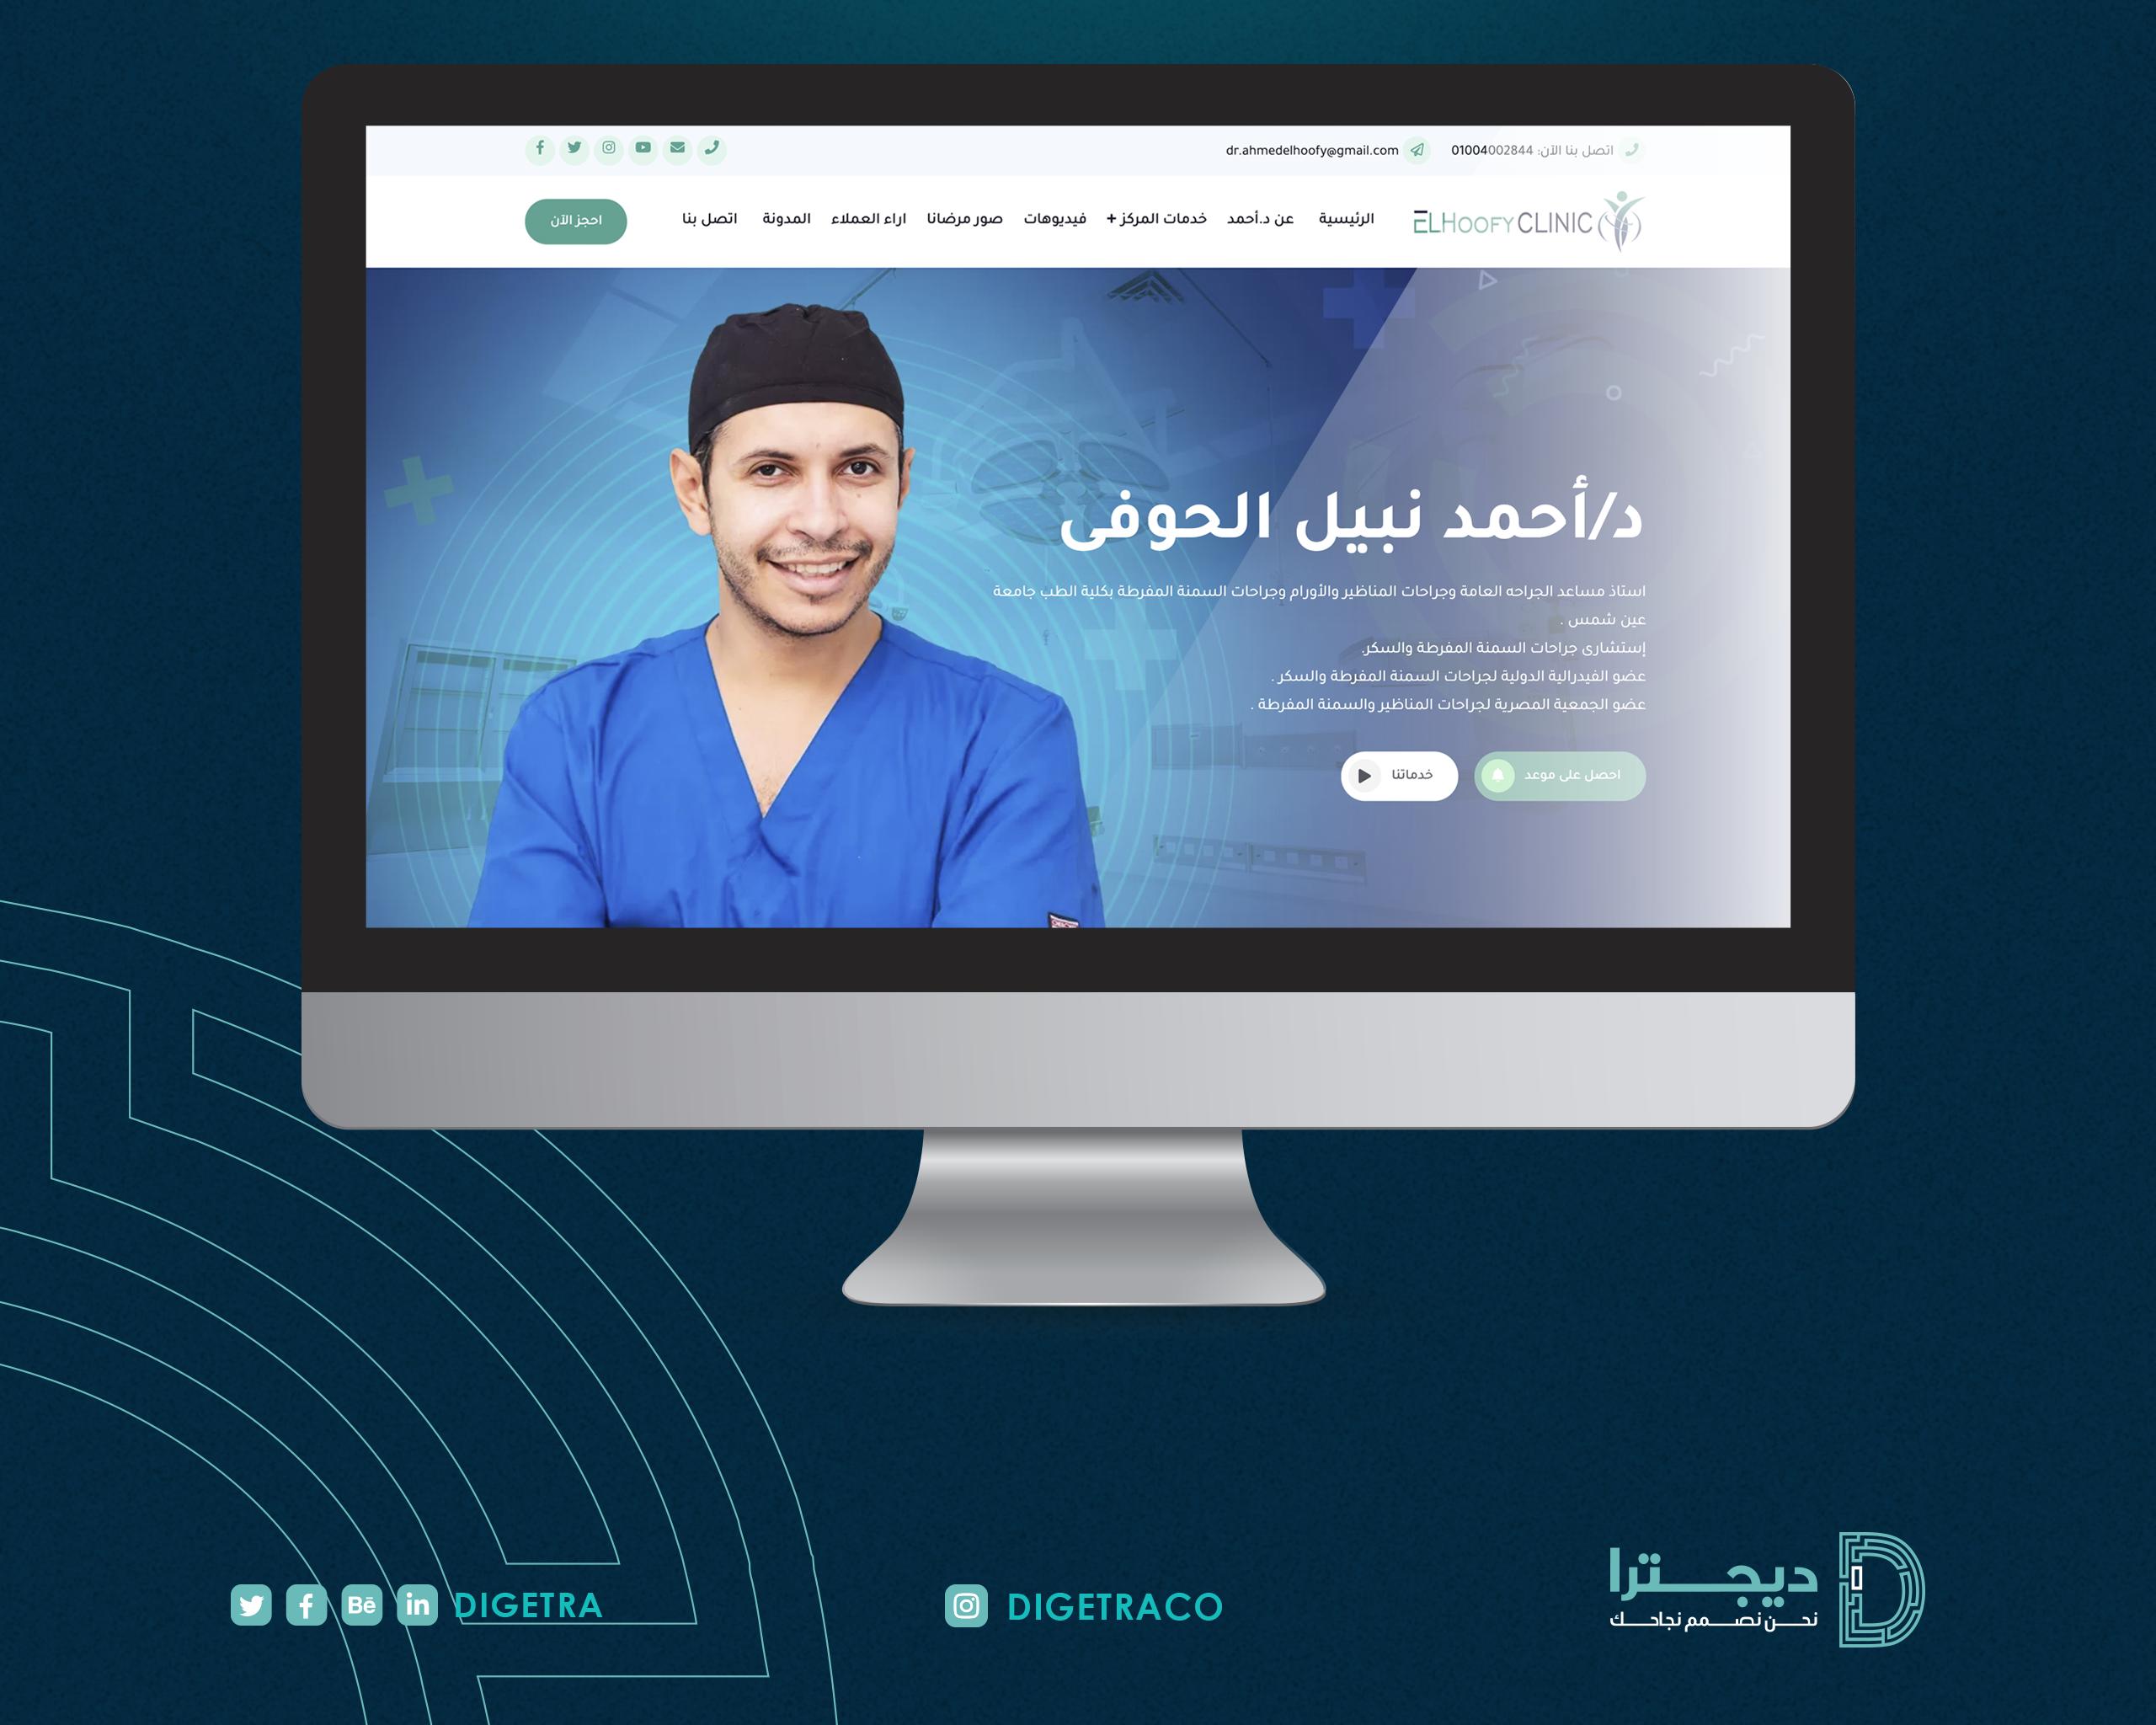 دكتور أحمد نبيل الحوفى